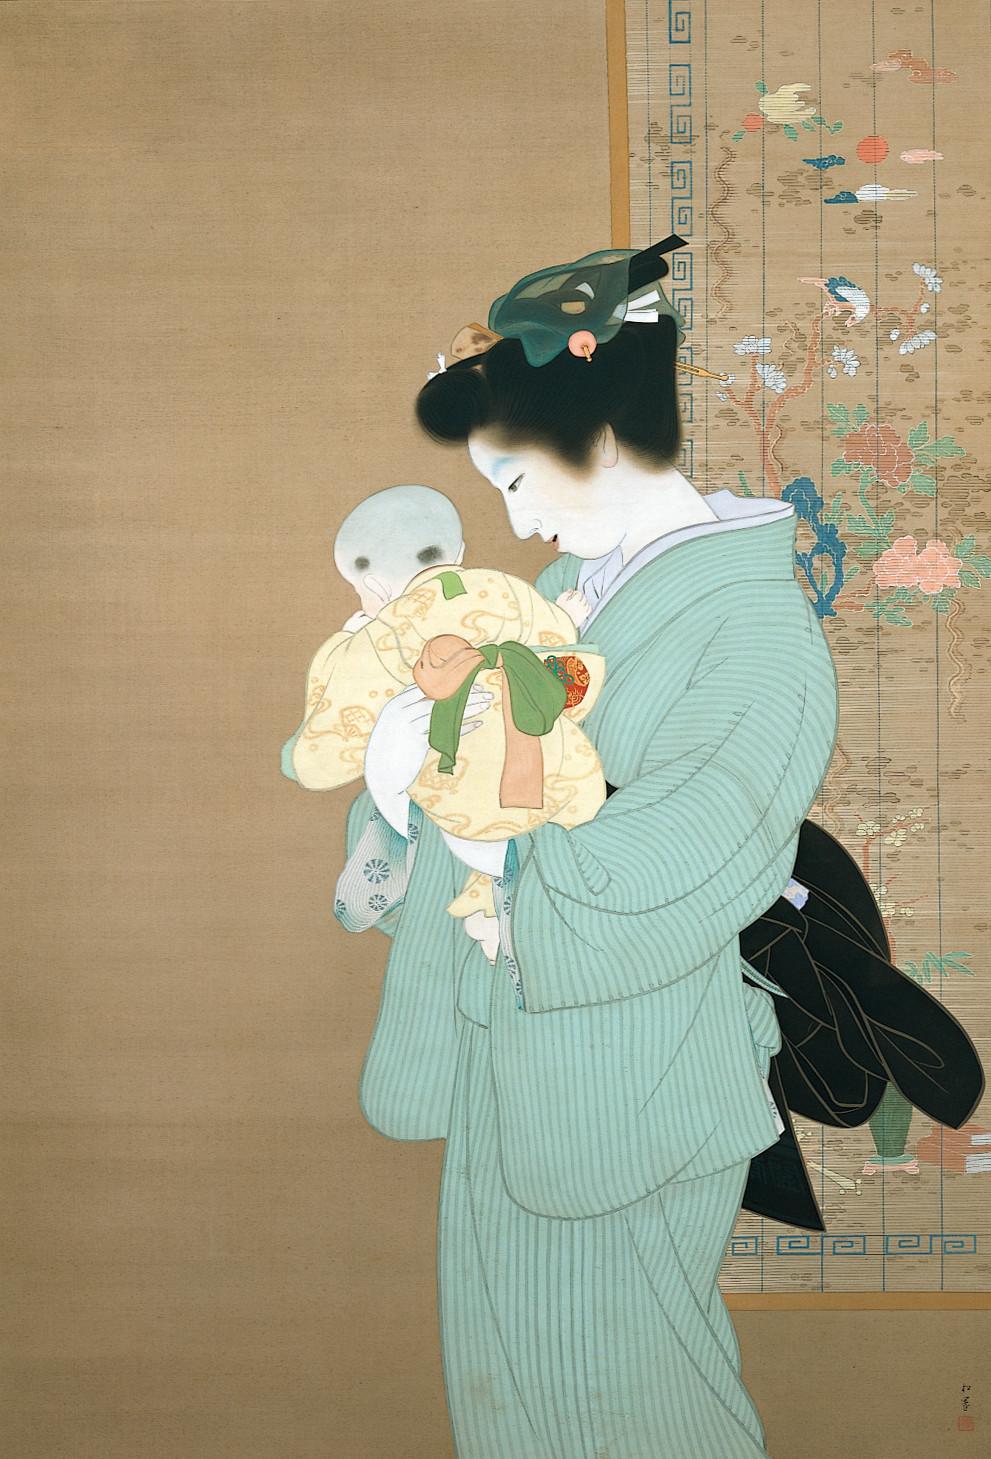 画像 東西美人画の名作 序の舞 への系譜 が東京藝術大学大学